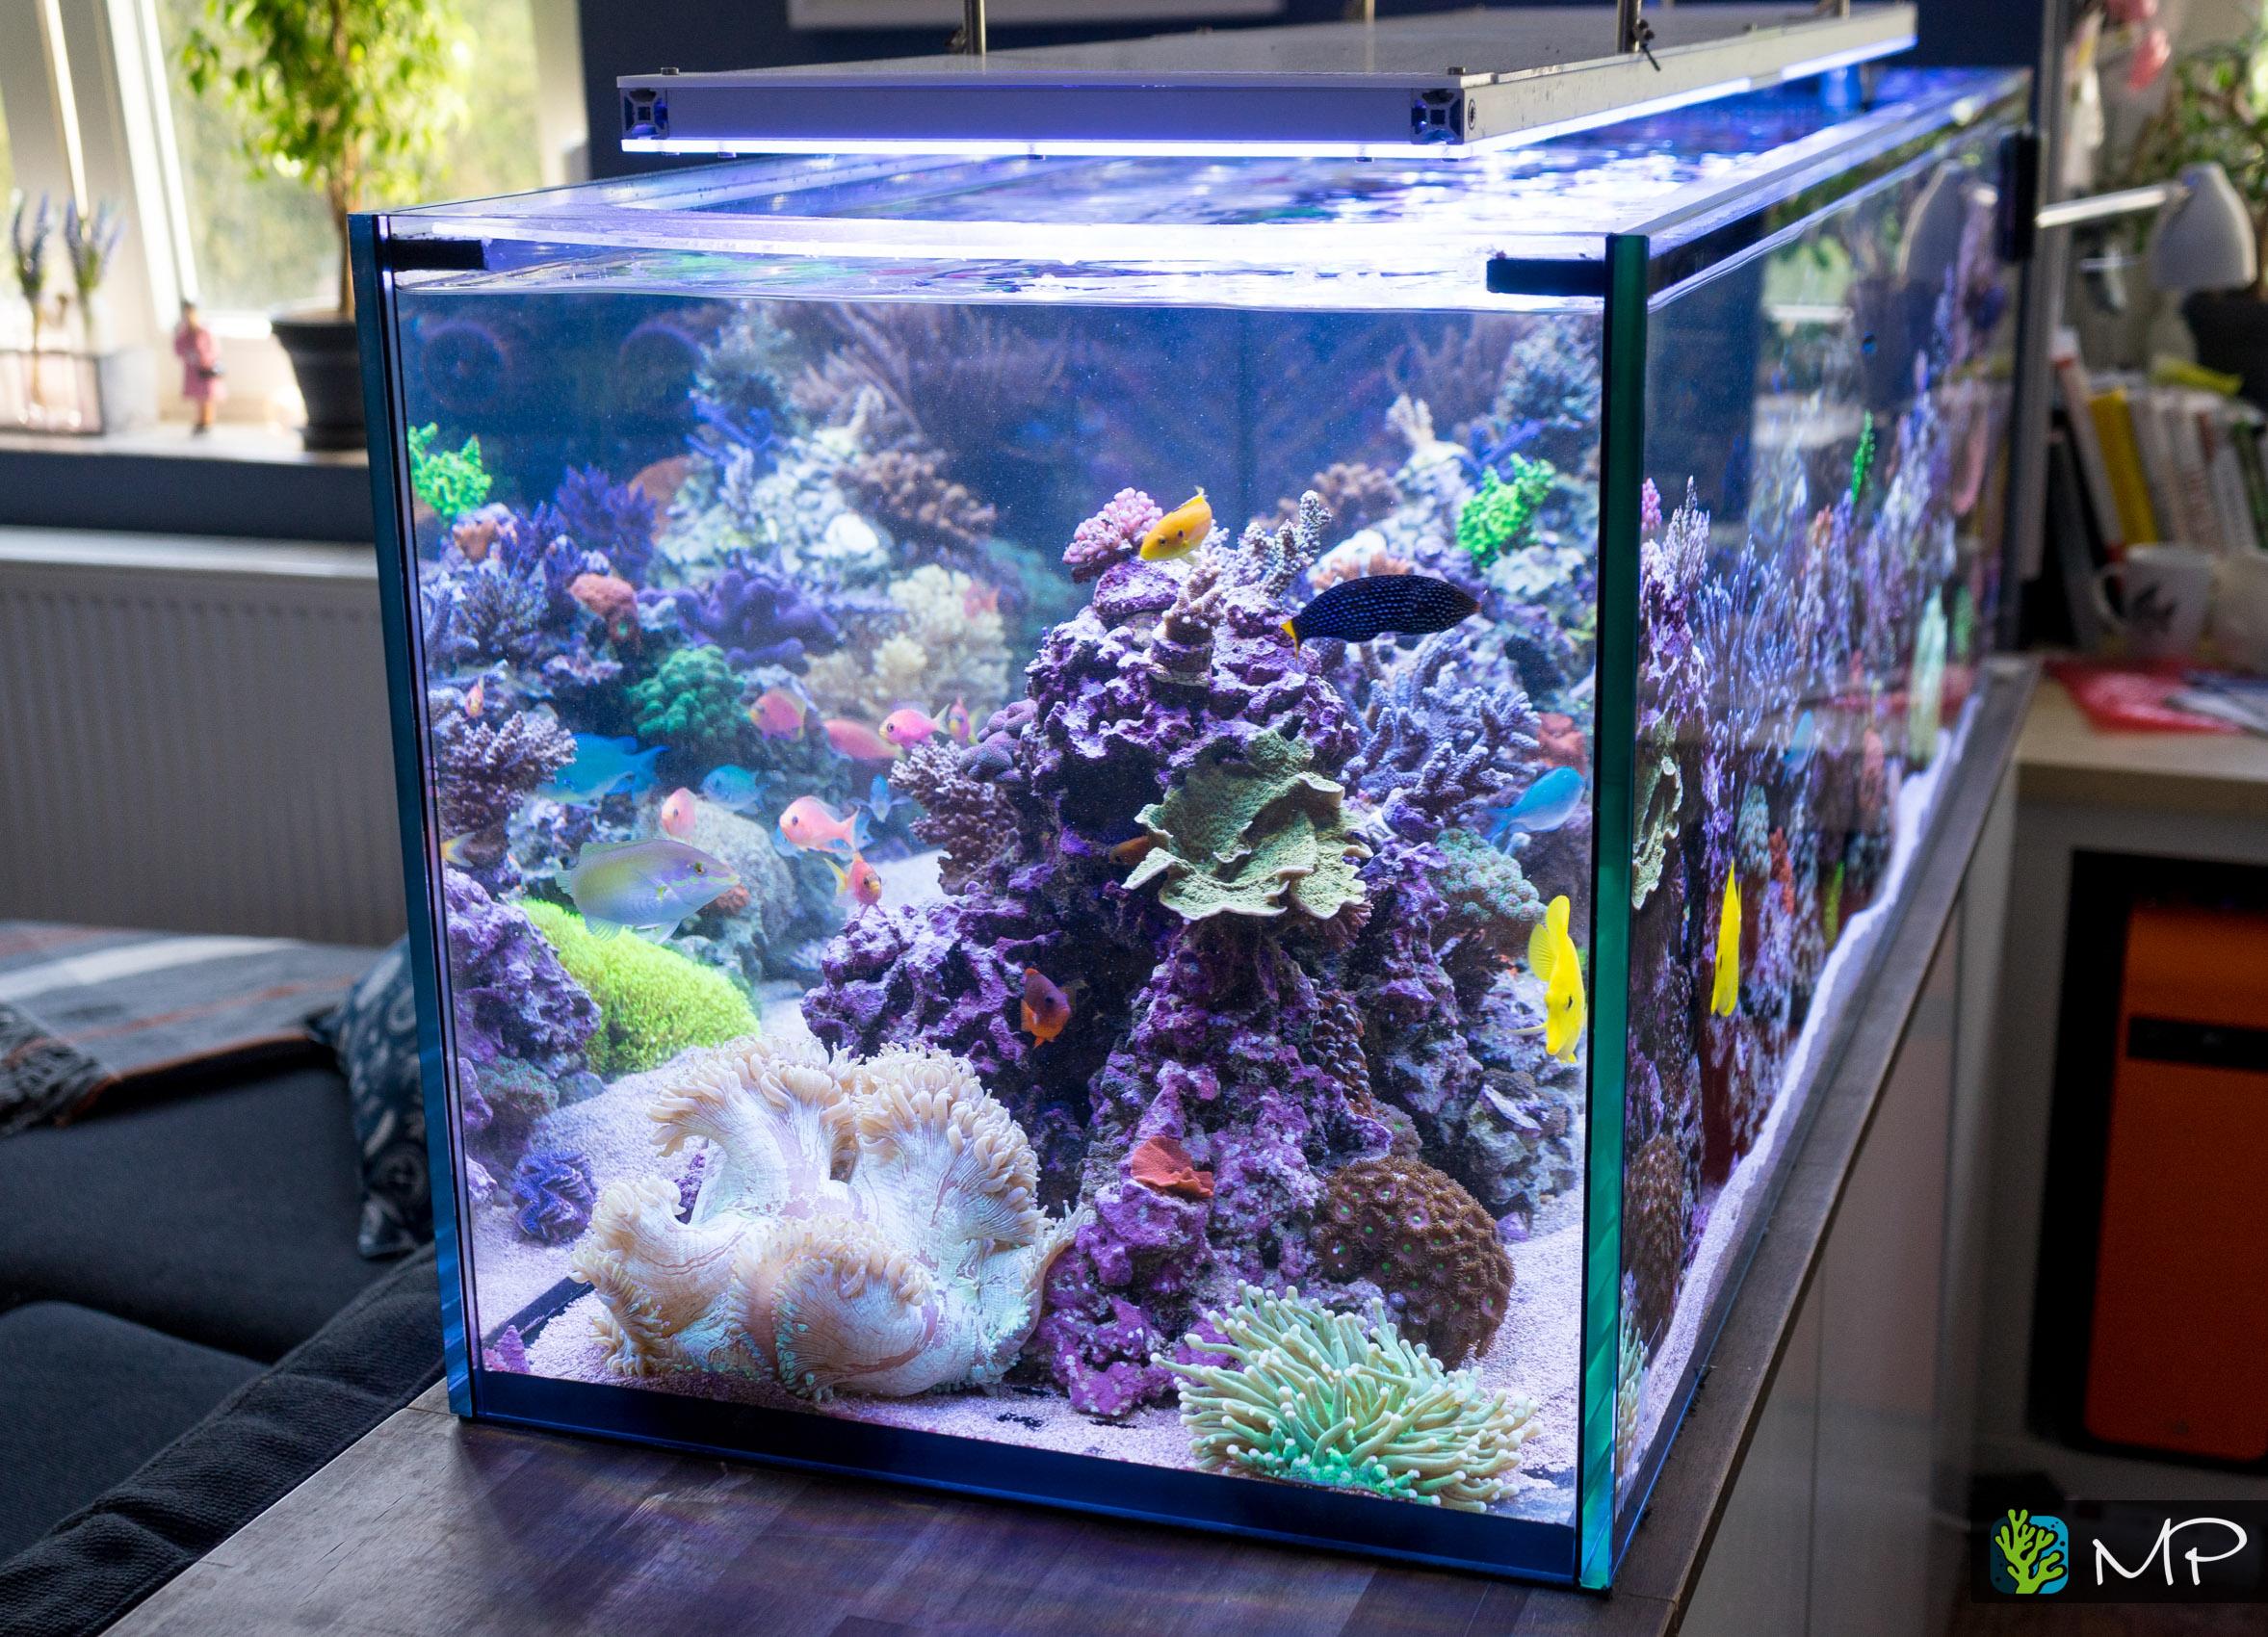 ein 400l raumteiler 150x50x50cm seite 5 aquarium vorstellung dein meerwasser forum f r. Black Bedroom Furniture Sets. Home Design Ideas